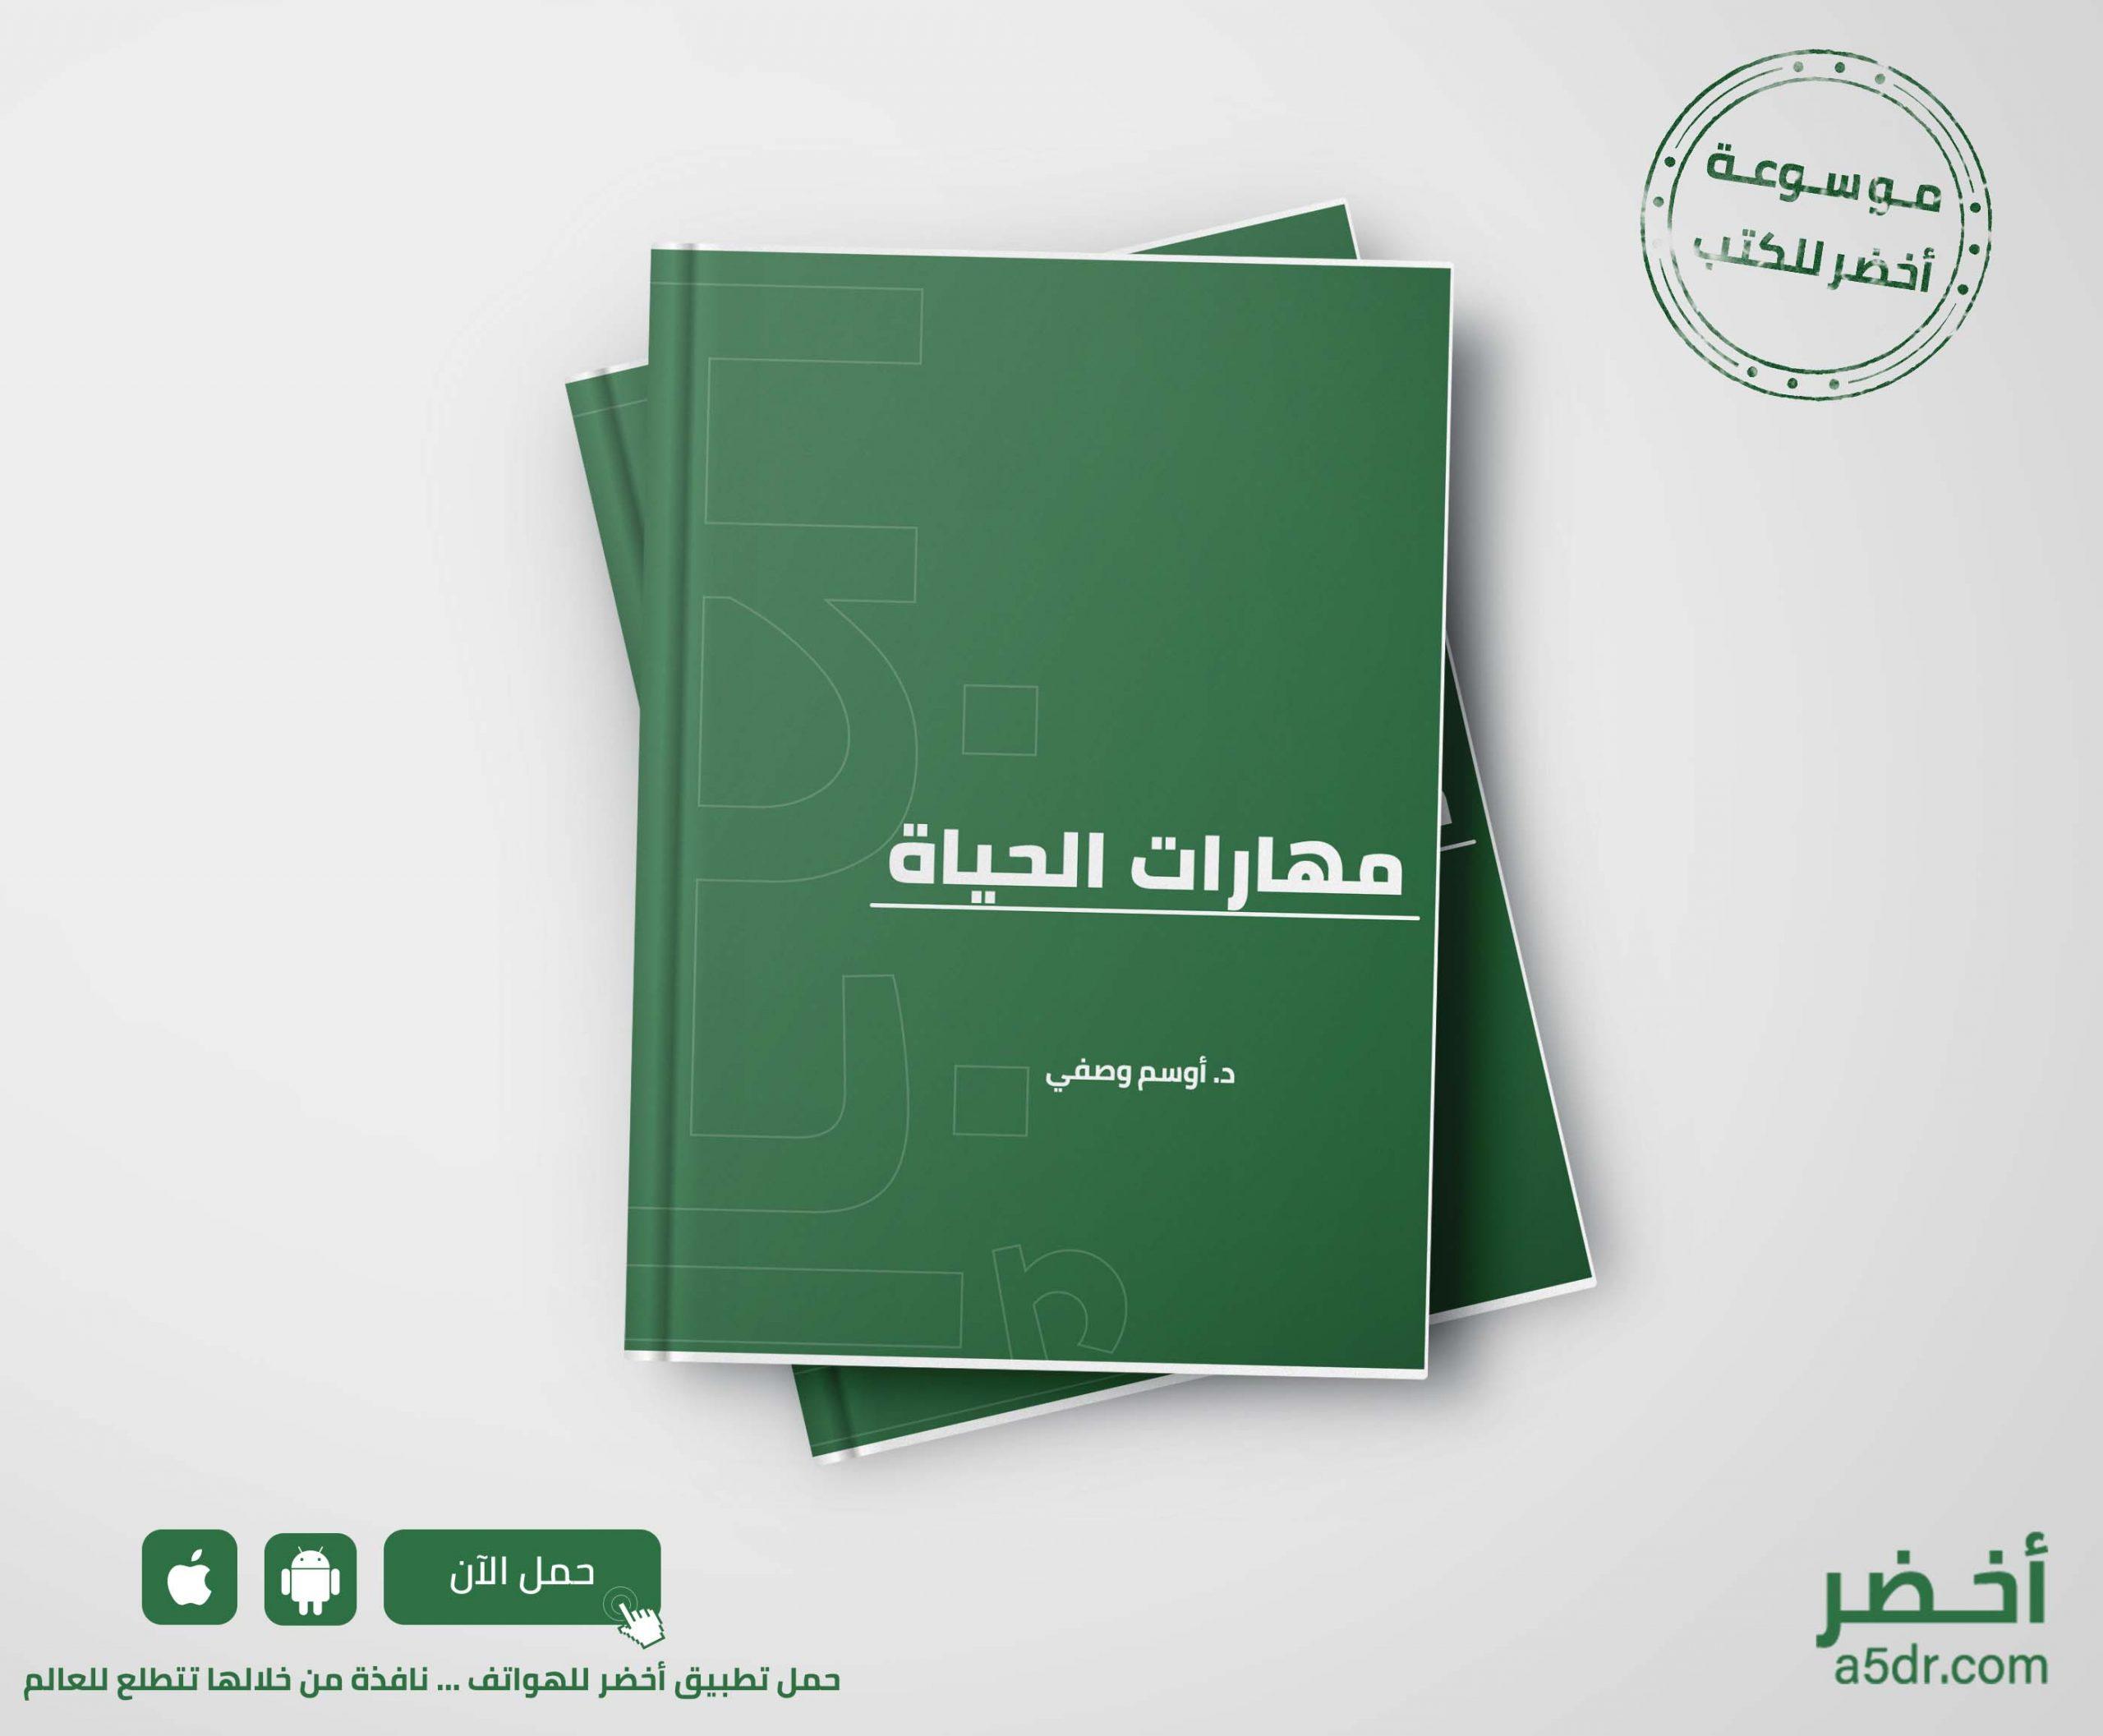 كتاب مهارات الحياة - أوسم وصفي